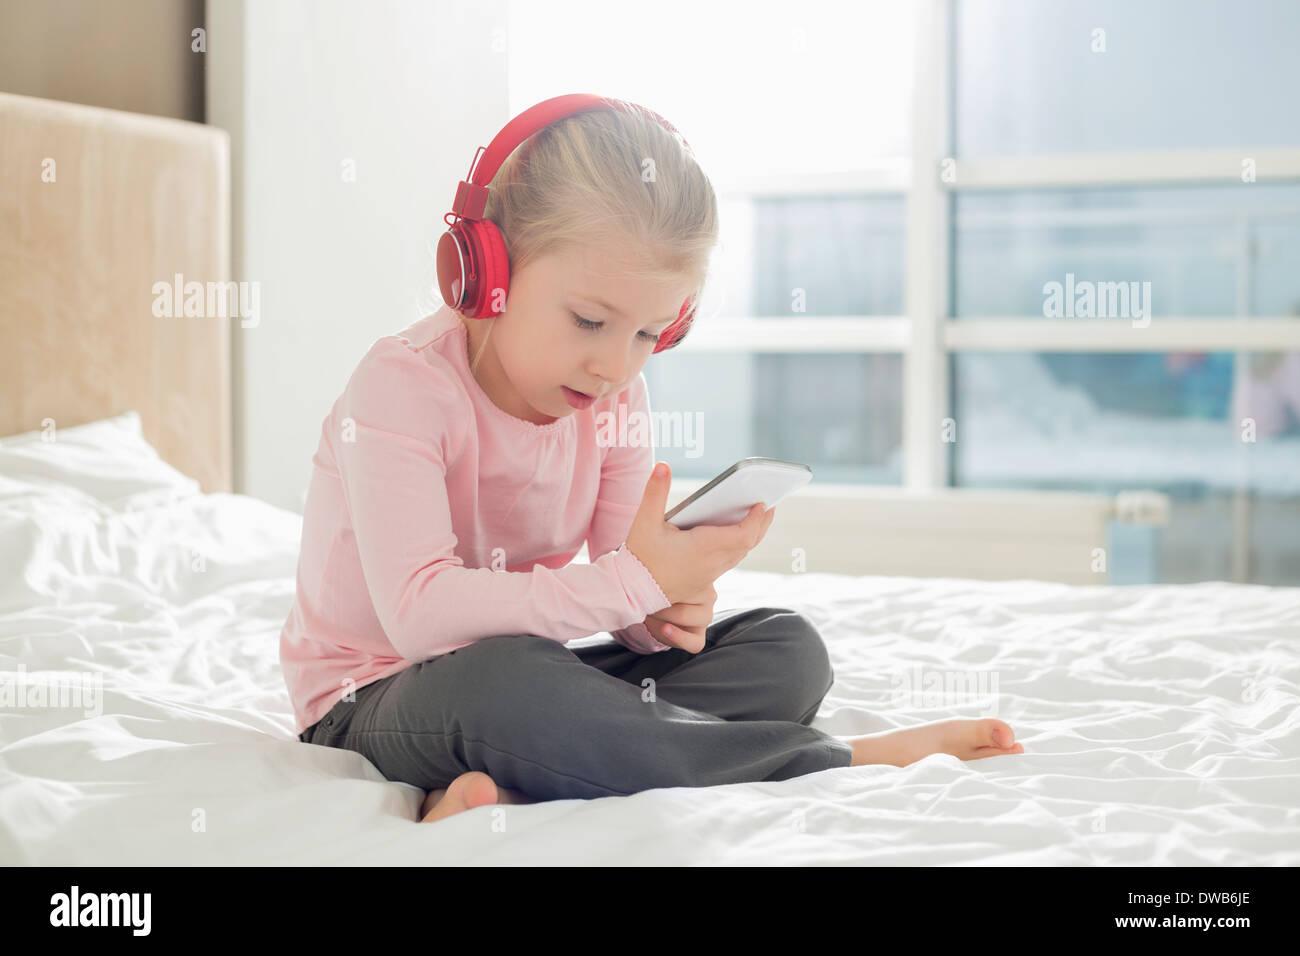 Full length of girl listening music on headphones in bedroom Stock Photo